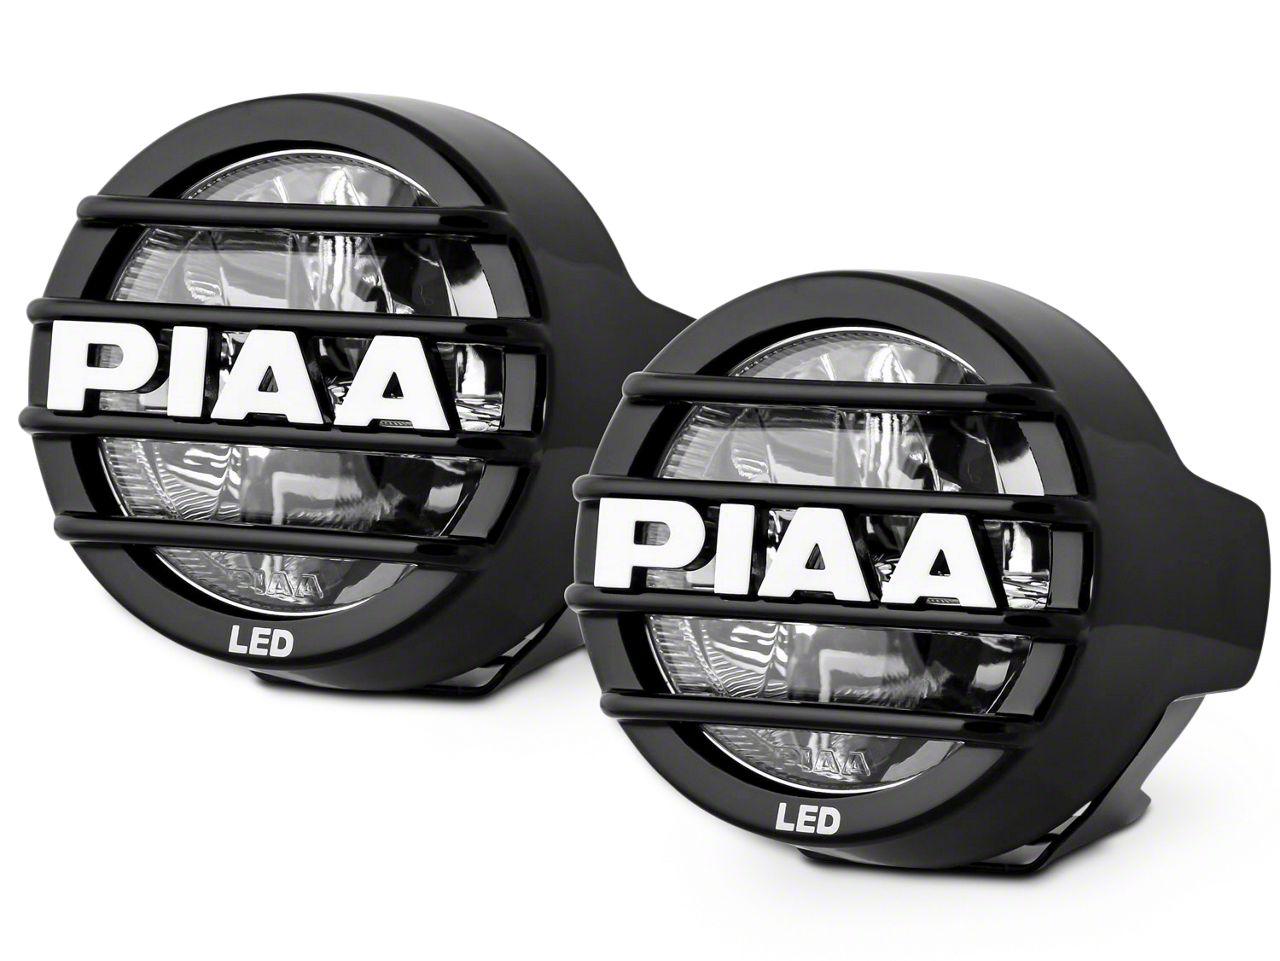 PIAA LP530 3.5 in. Round LED Lights - Fog Beam - Pair